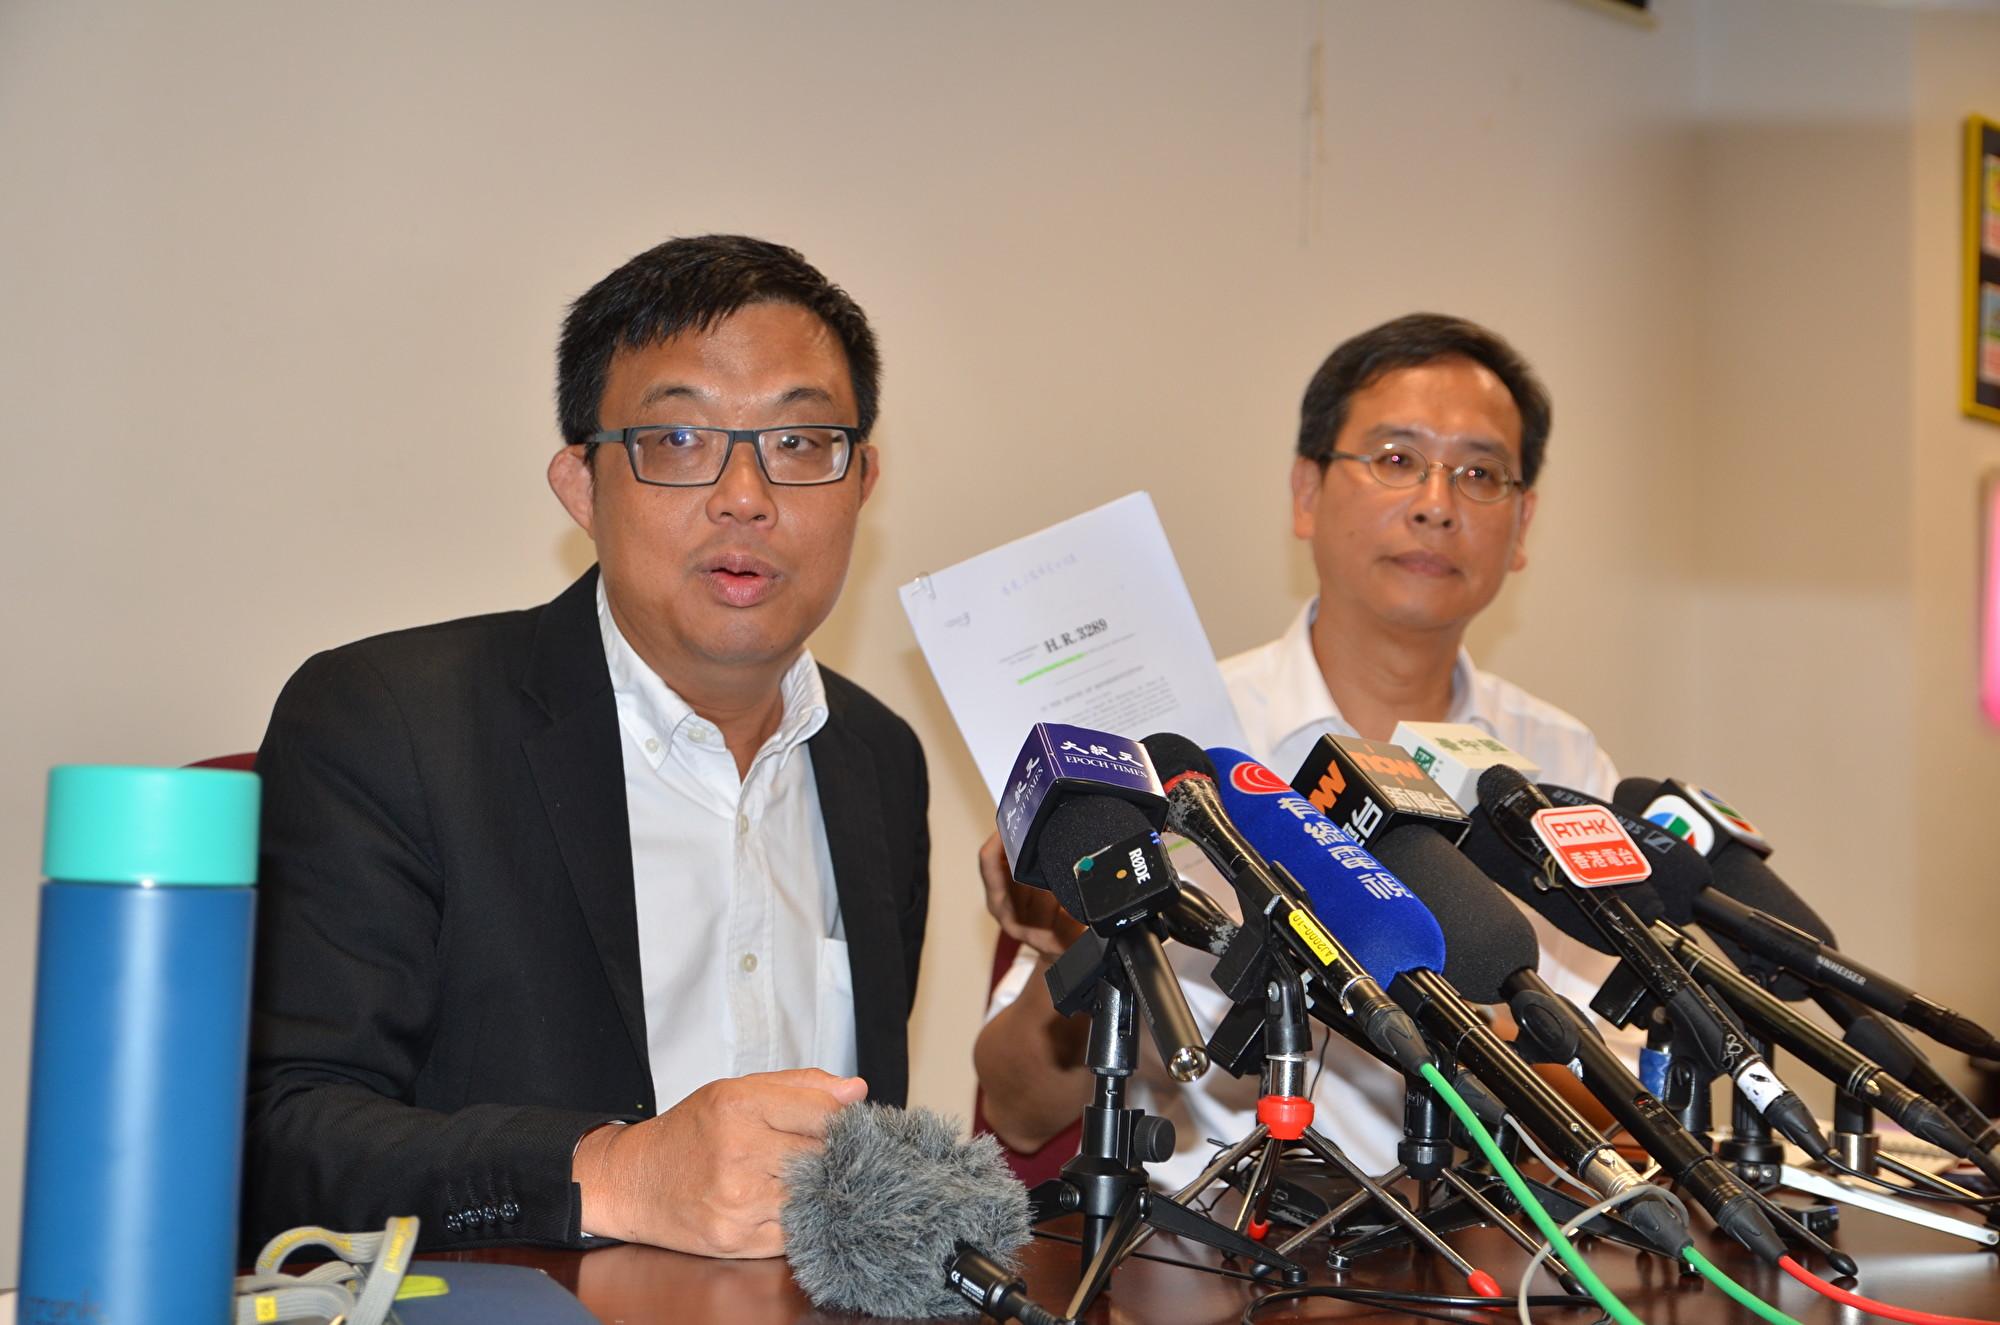 中美貿易再添變數下 香港議員談美國行受關注